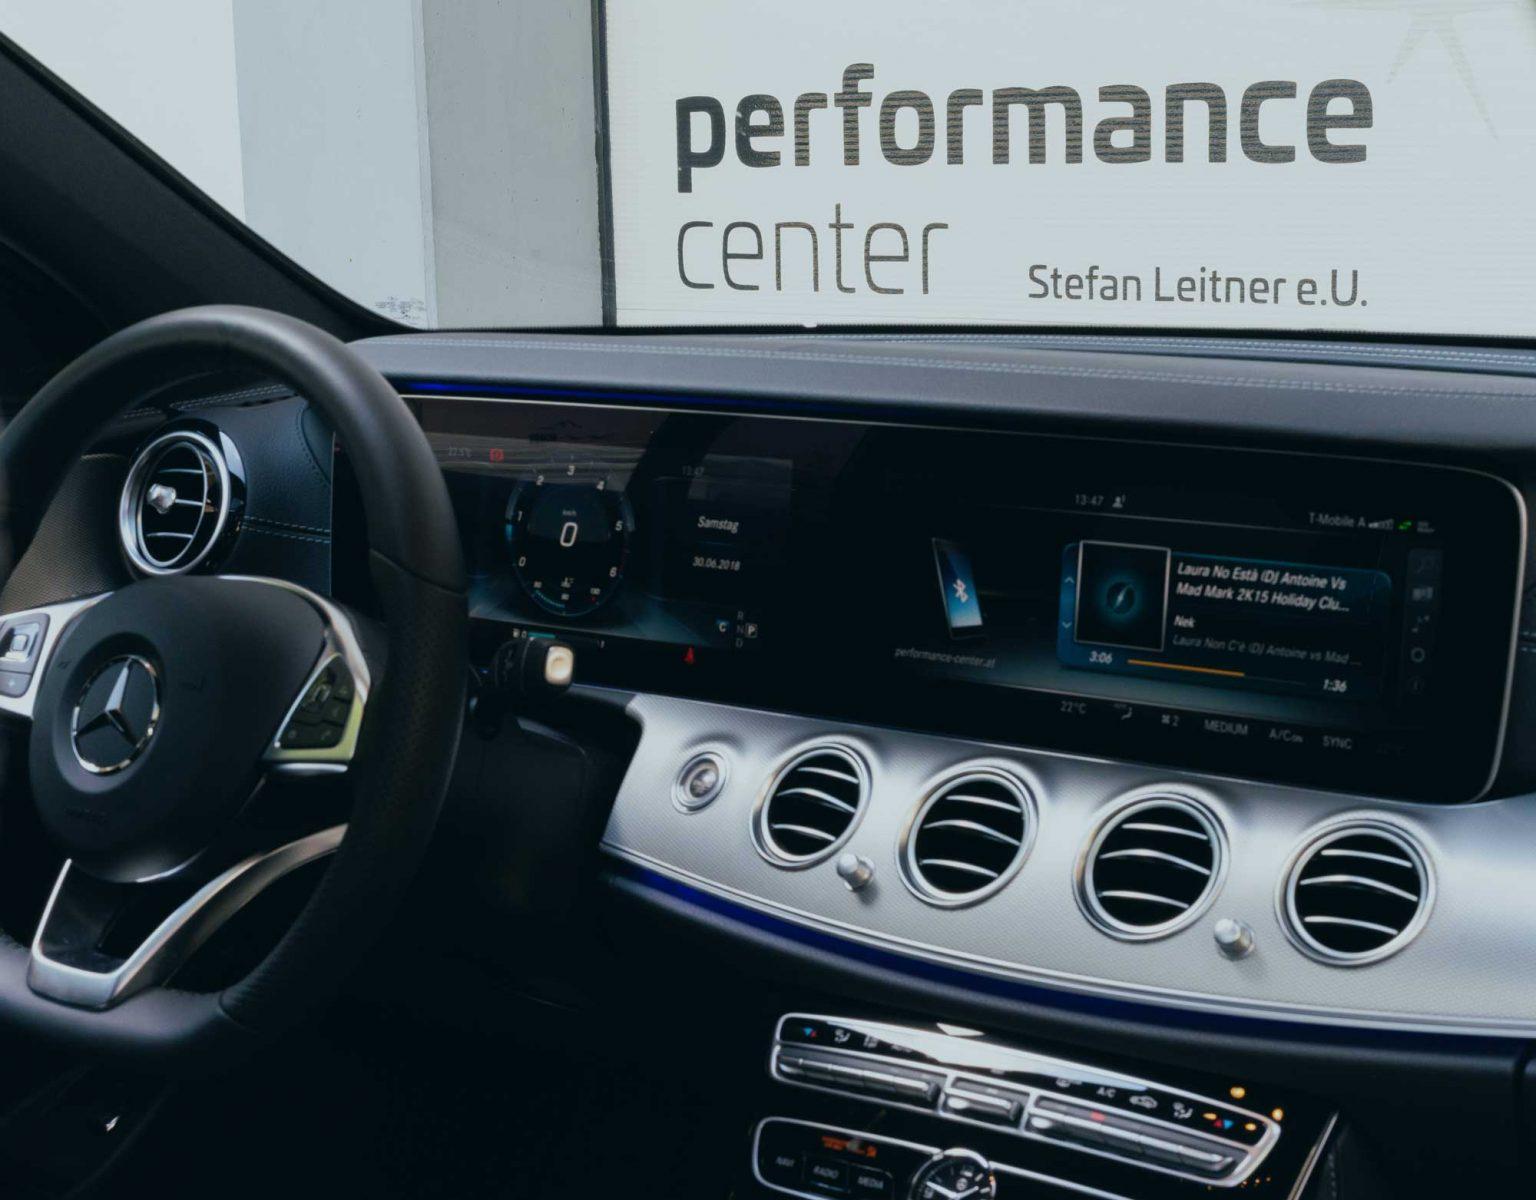 Performance-Center-Stefan-Leitner-01137